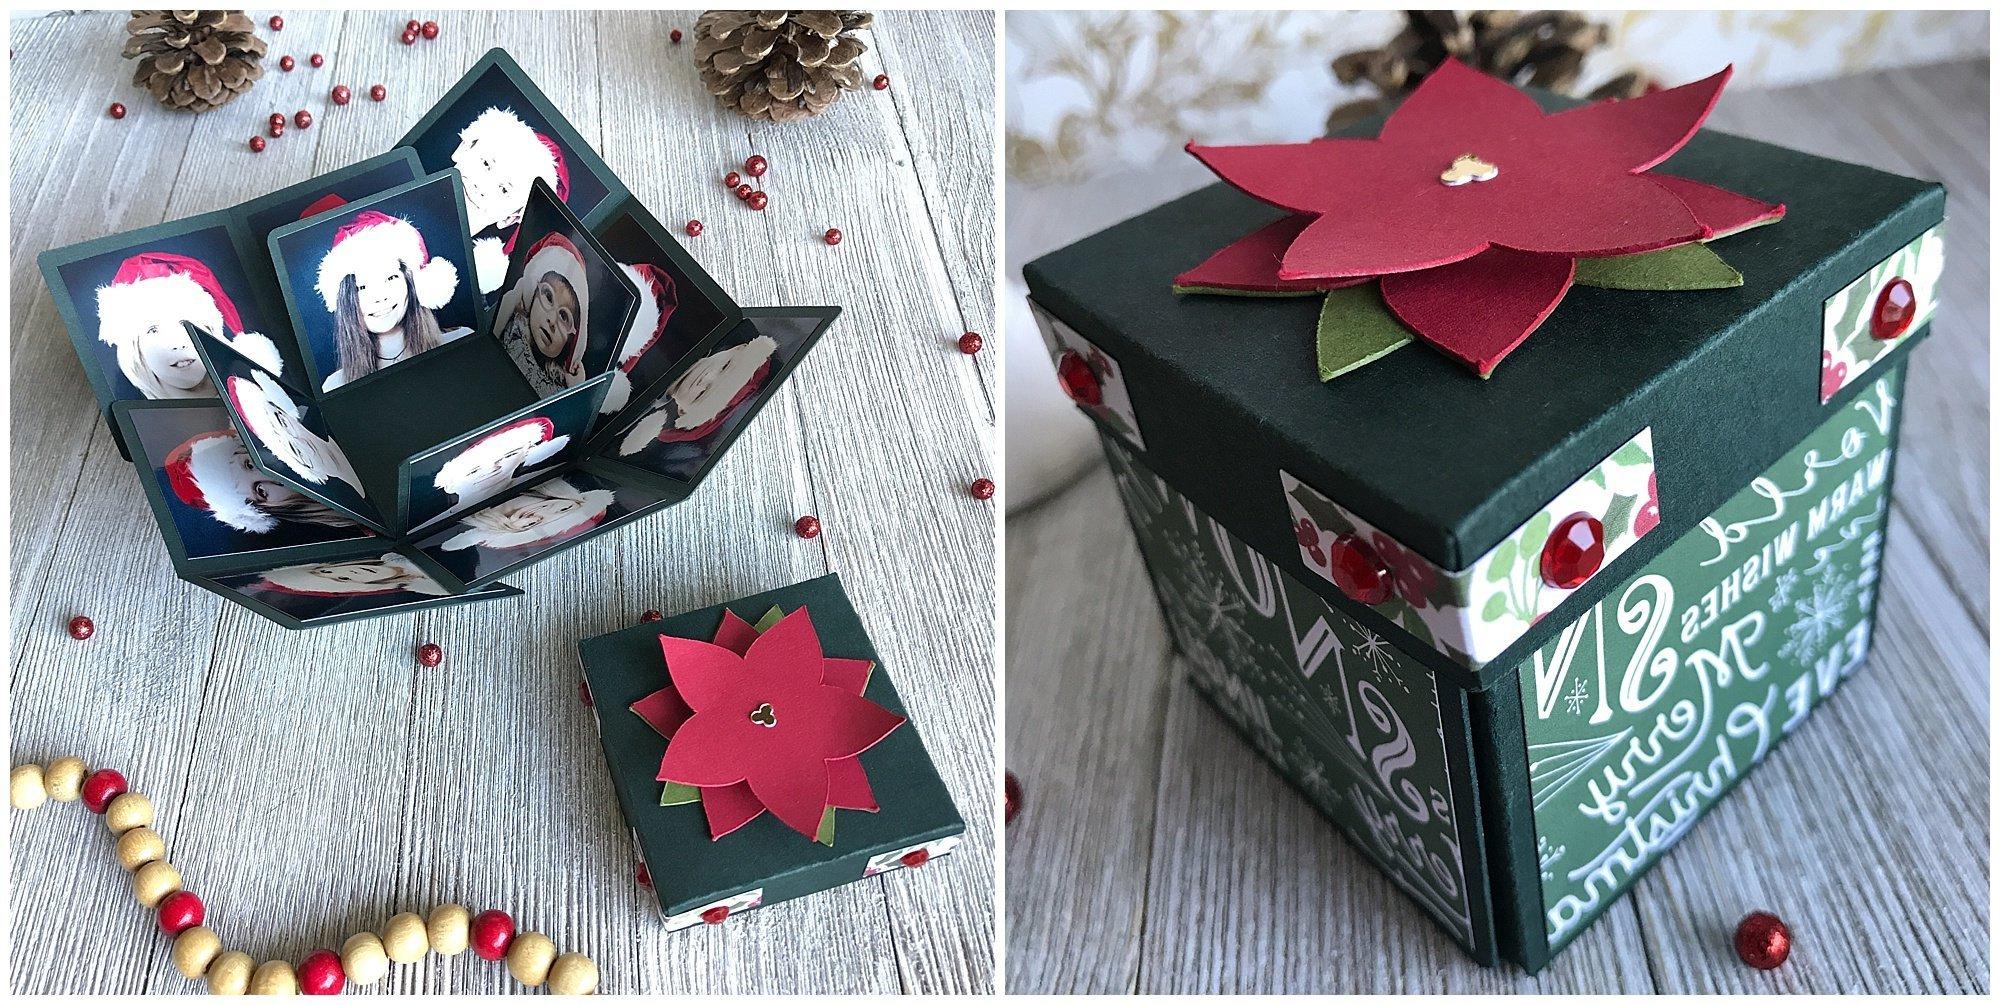 Mit Papier zu Weihnachten basteln: Explosionbox mit Familienfotos gestalten